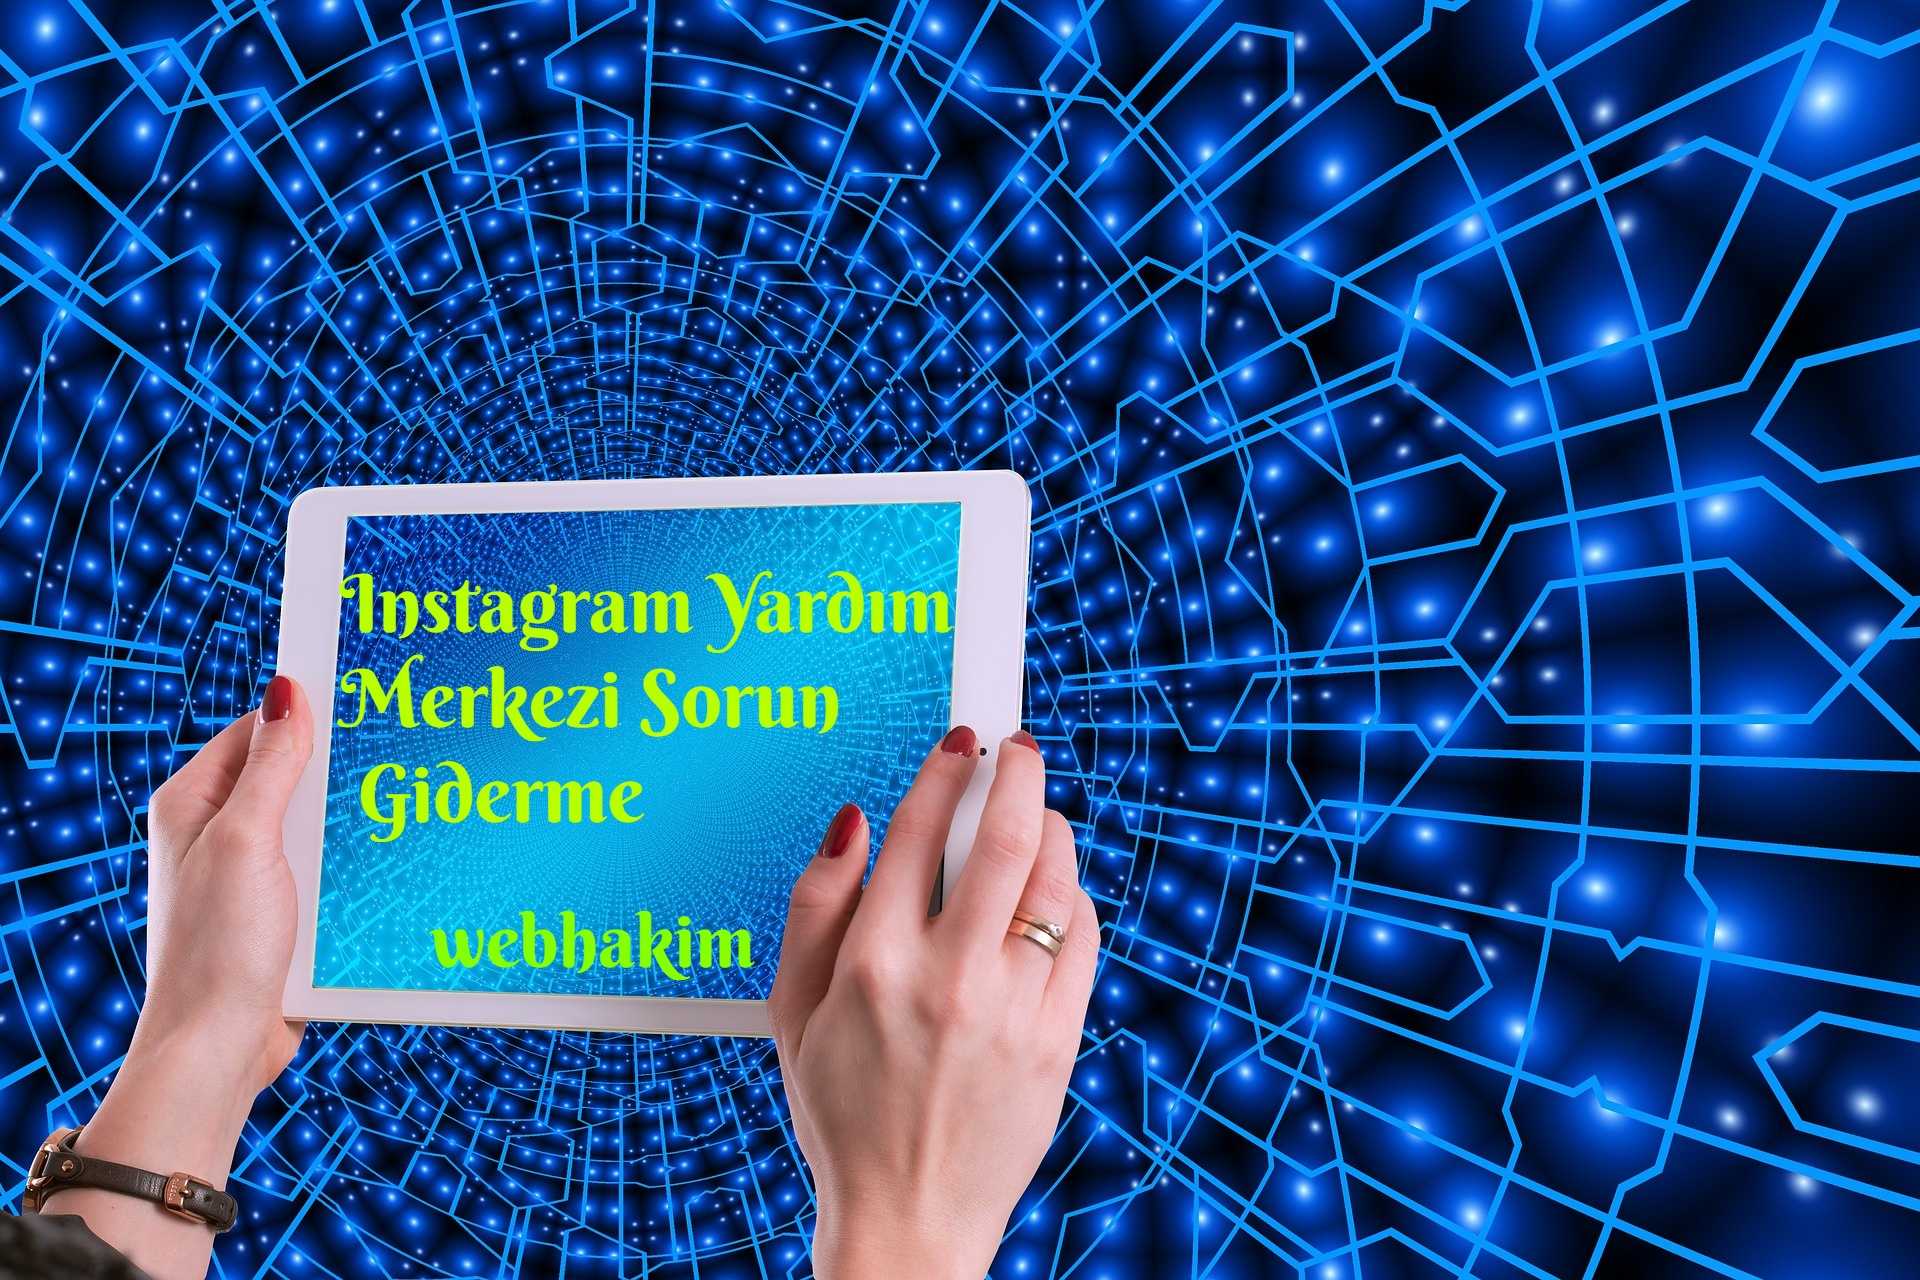 Instagram Yardim Merkezi Sorun Giderme